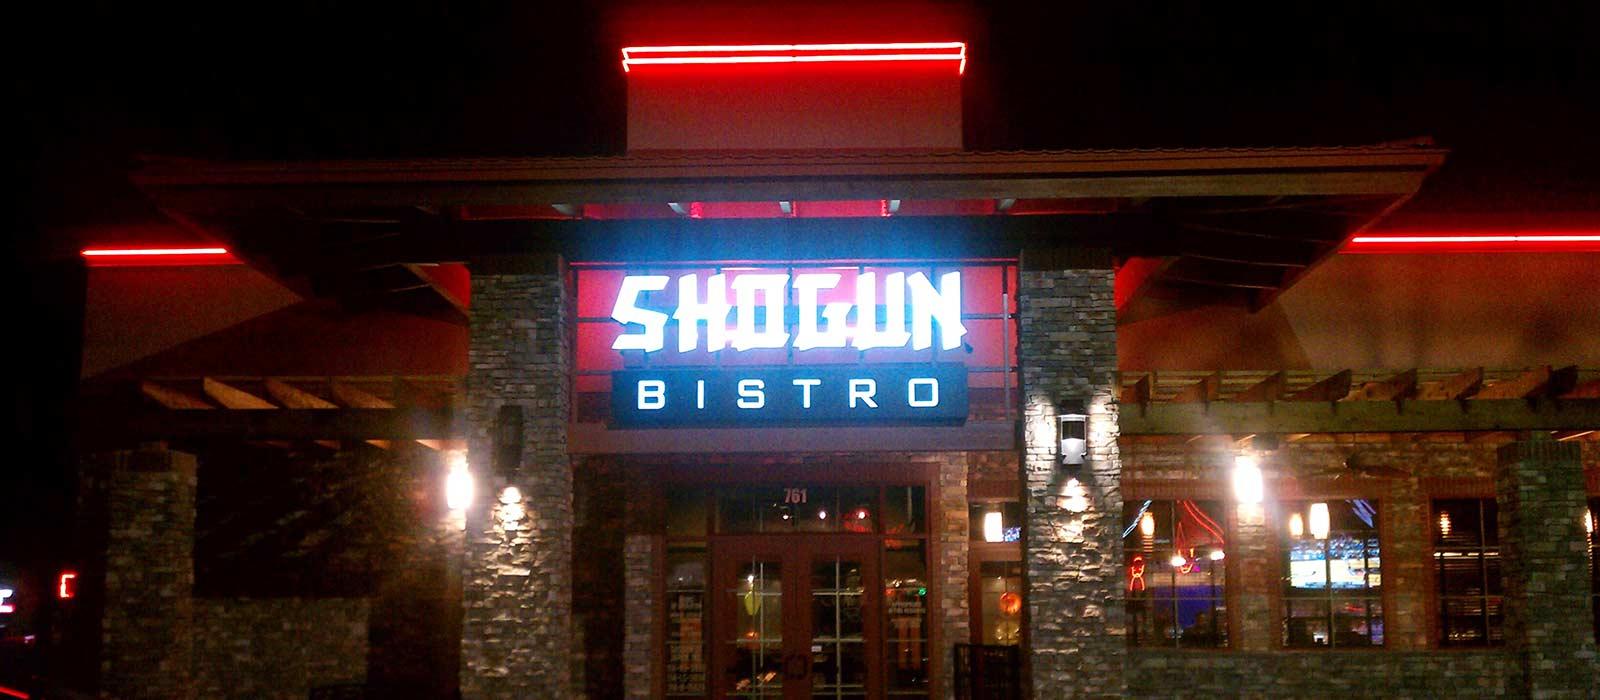 Shogun Bistro Neon Installation